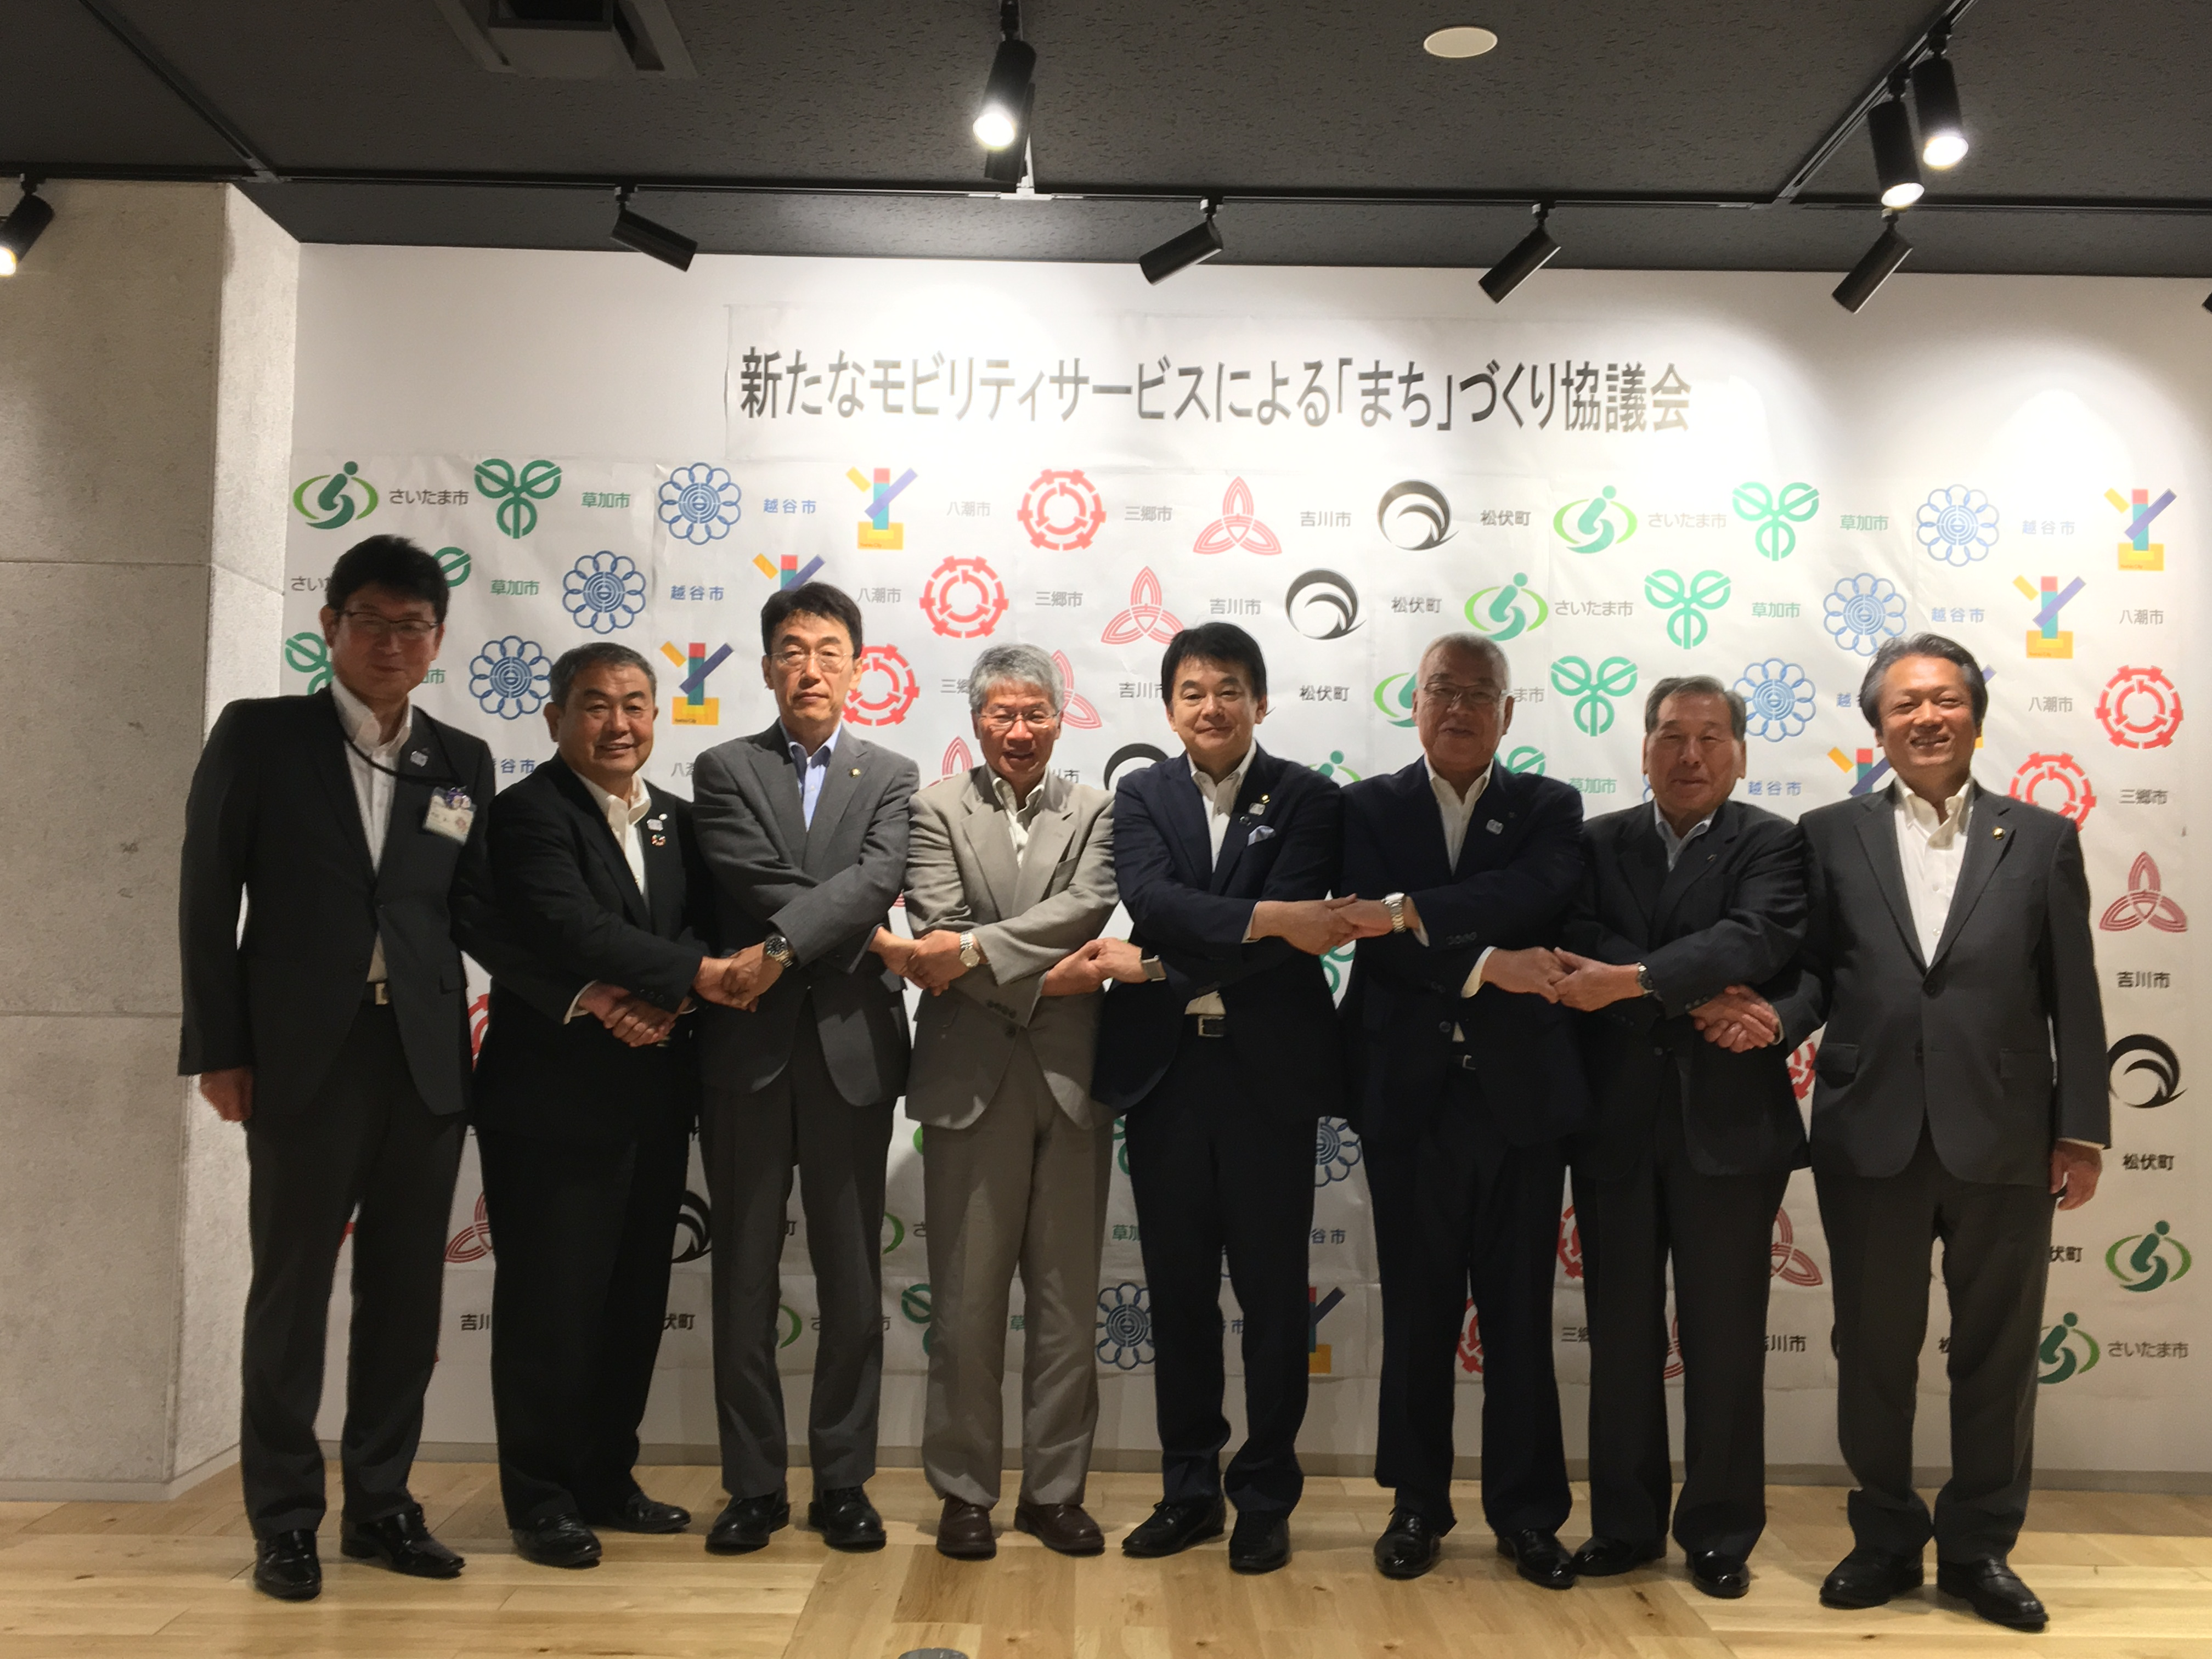 埼玉東部7市町が連携 新たなモビリティサービスによる「まち」づくり協議会設立